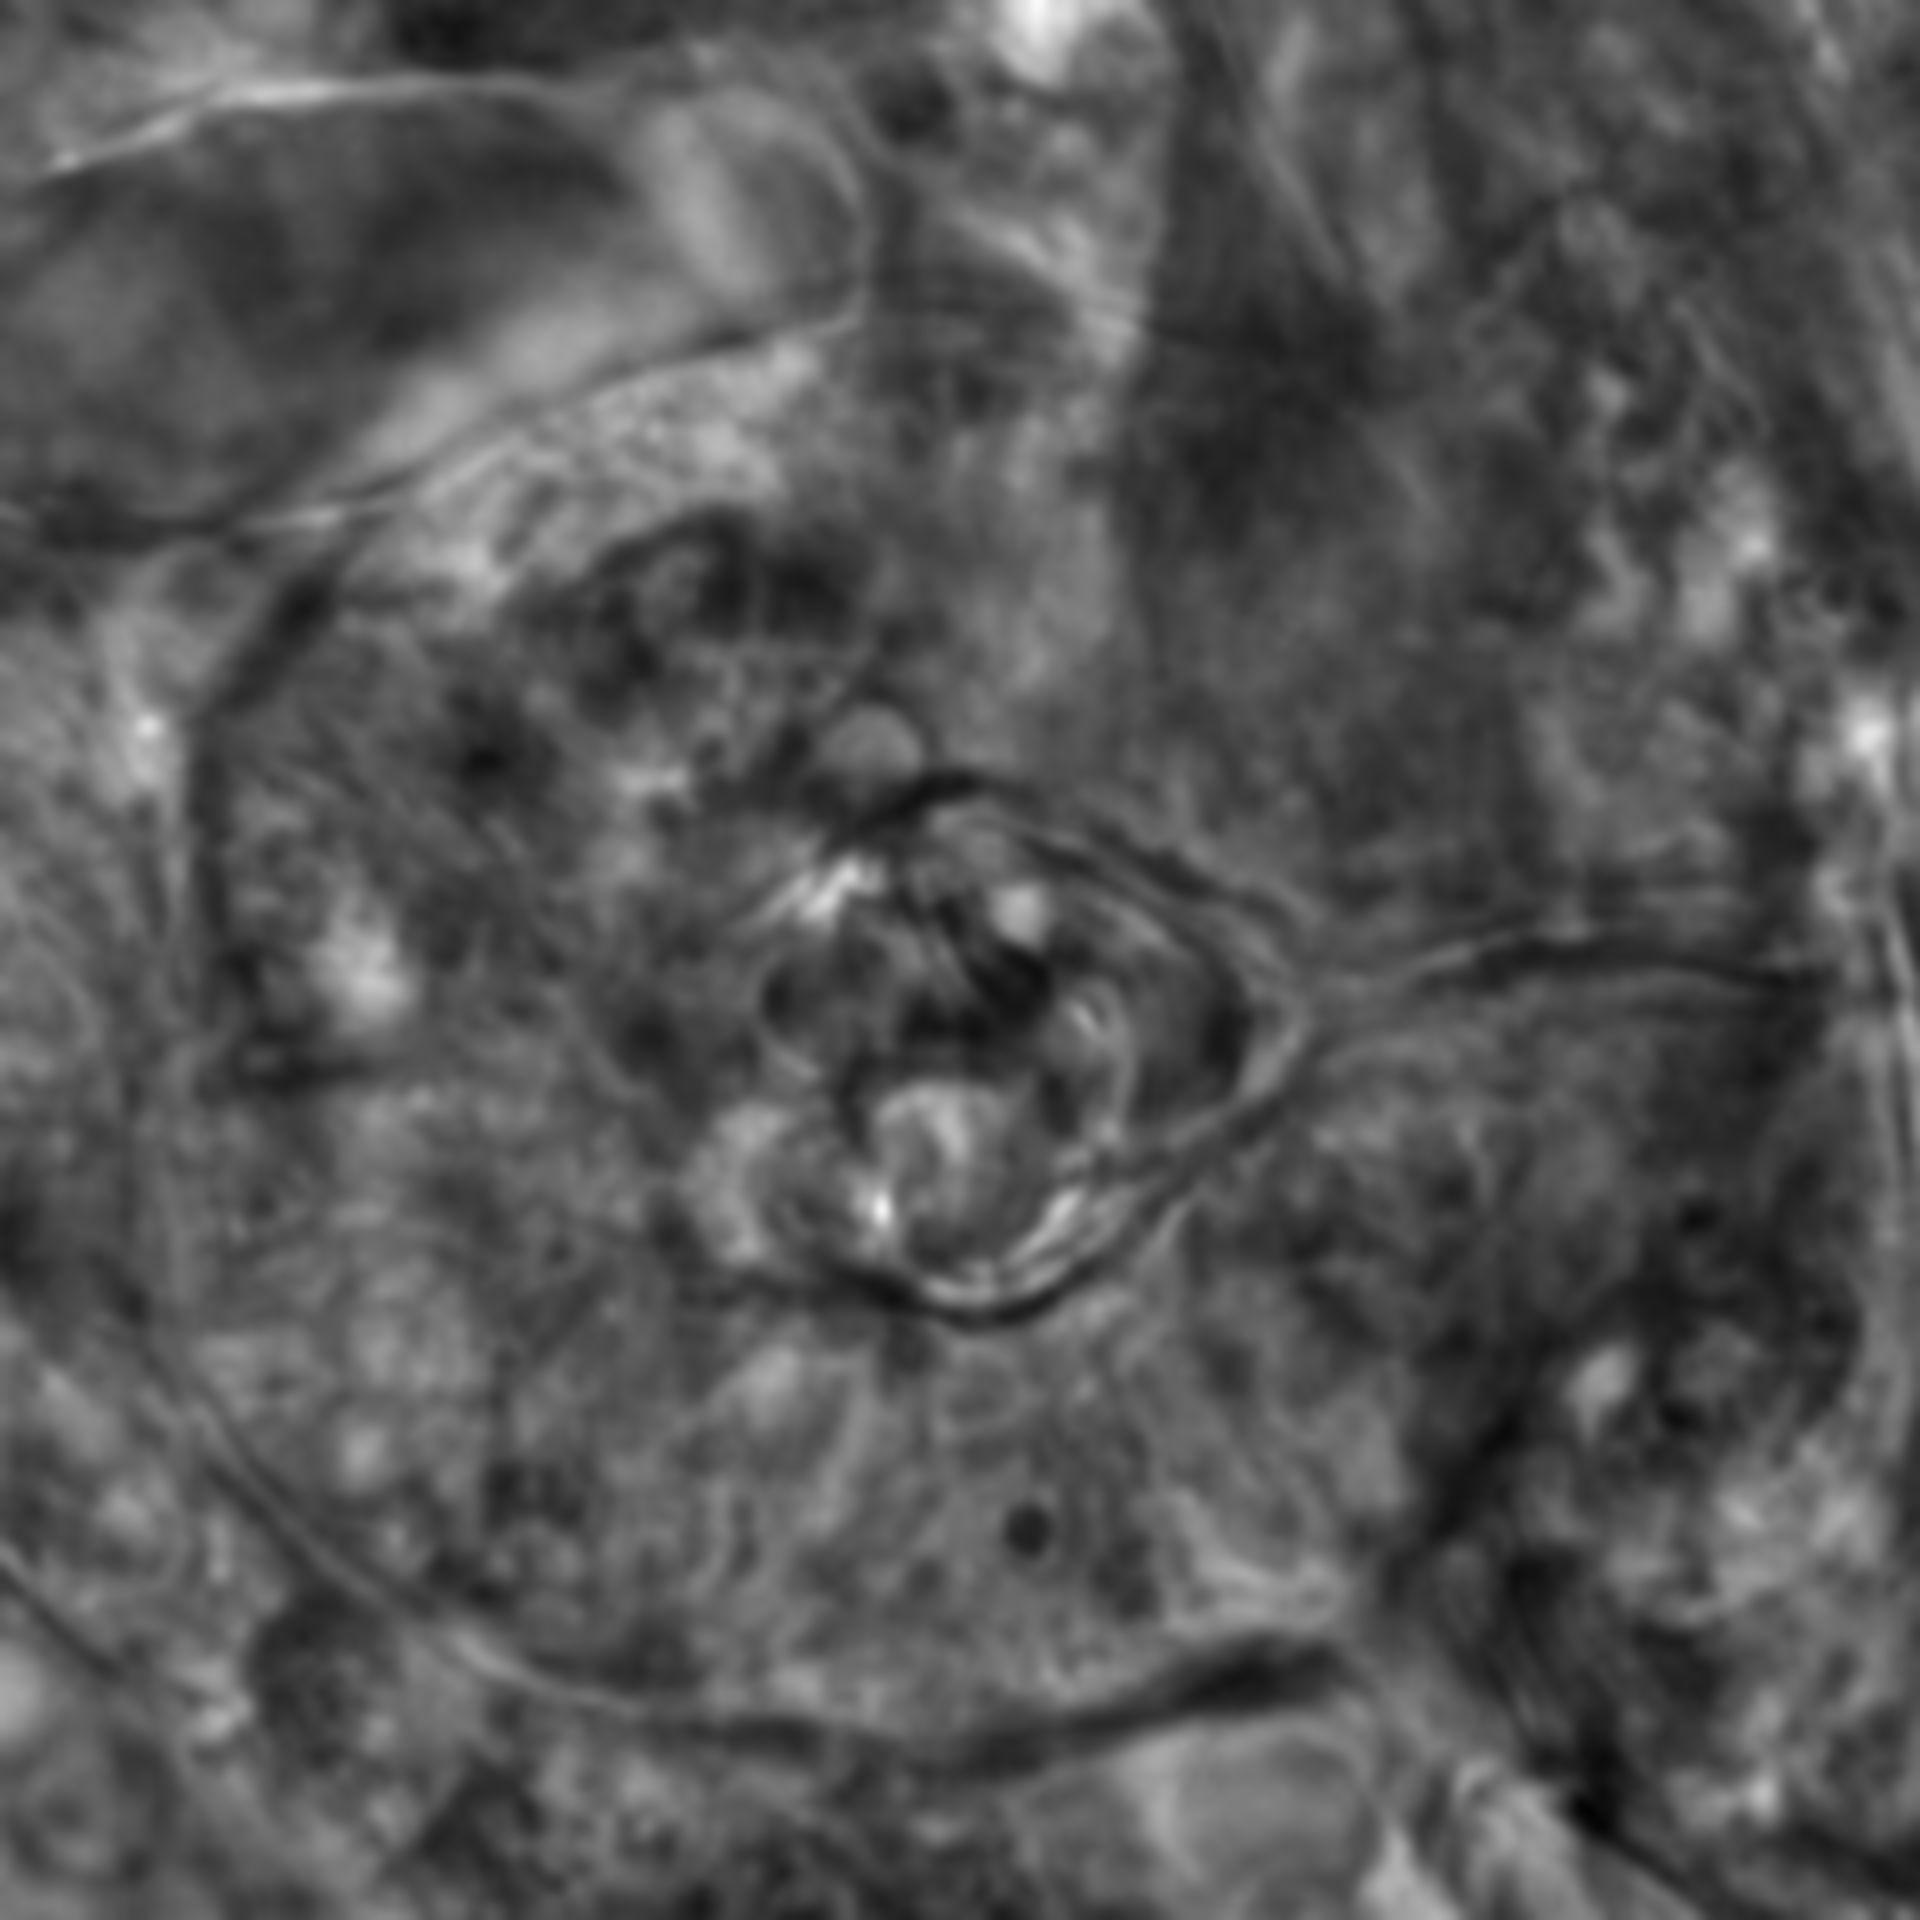 Caenorhabditis elegans - CIL:2593